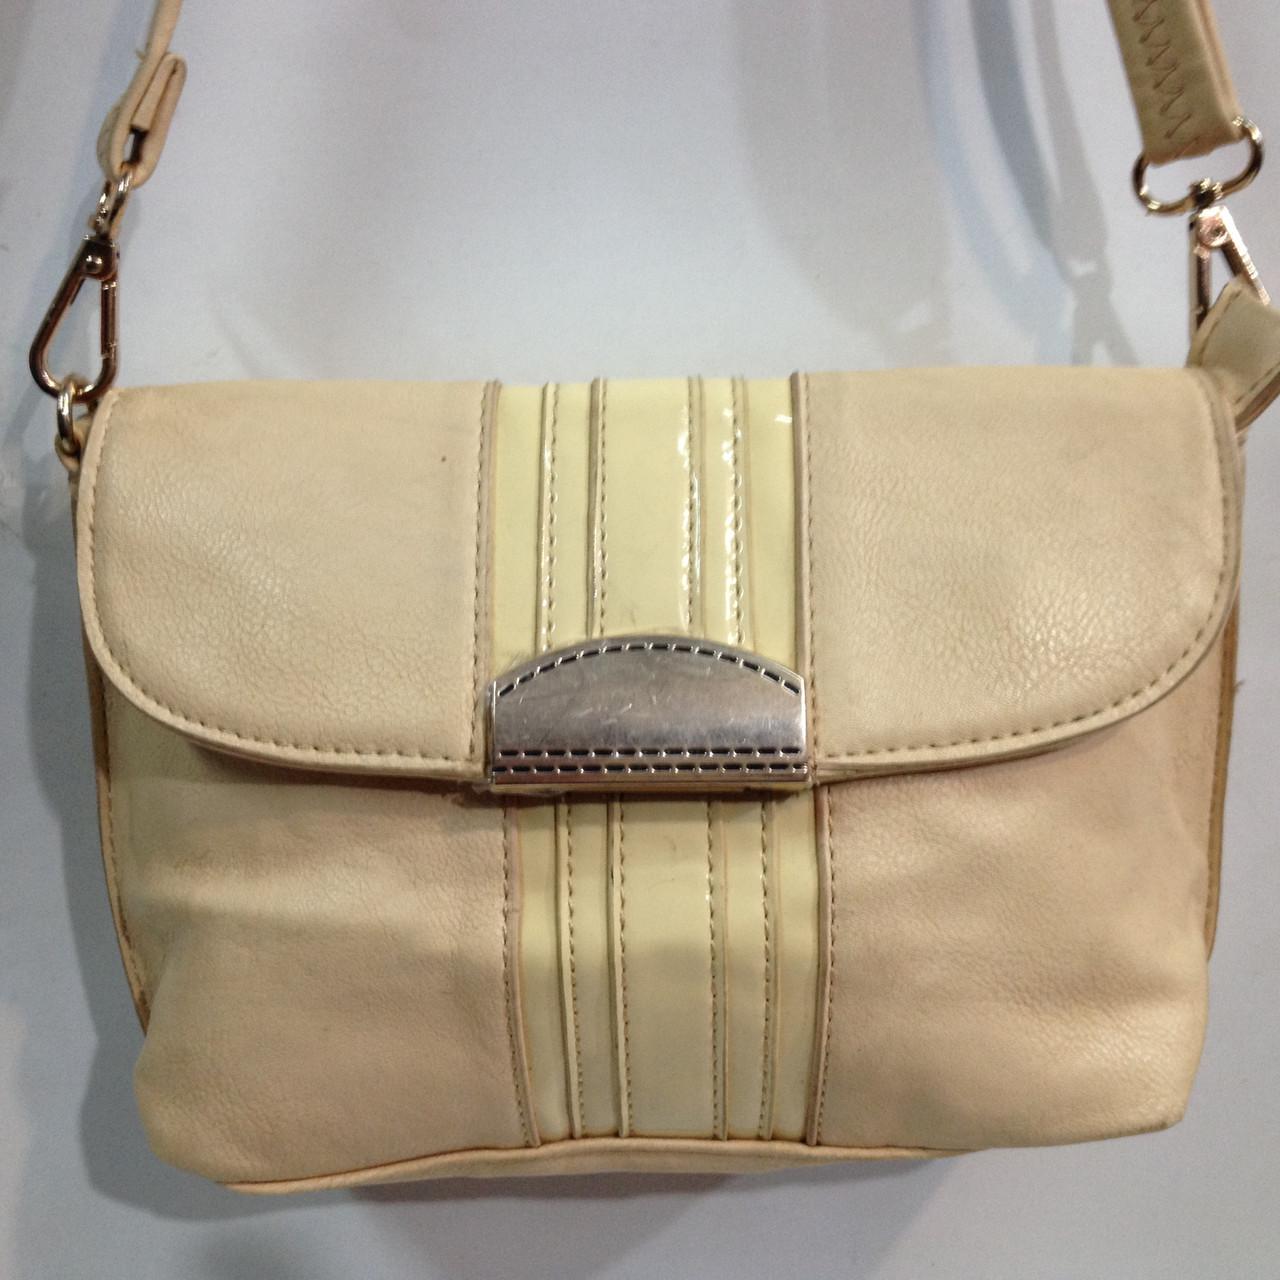 34016b89f488 СУМКИ Китай диагональные сумки\\кожаные ткани PU оптом : продажа ...